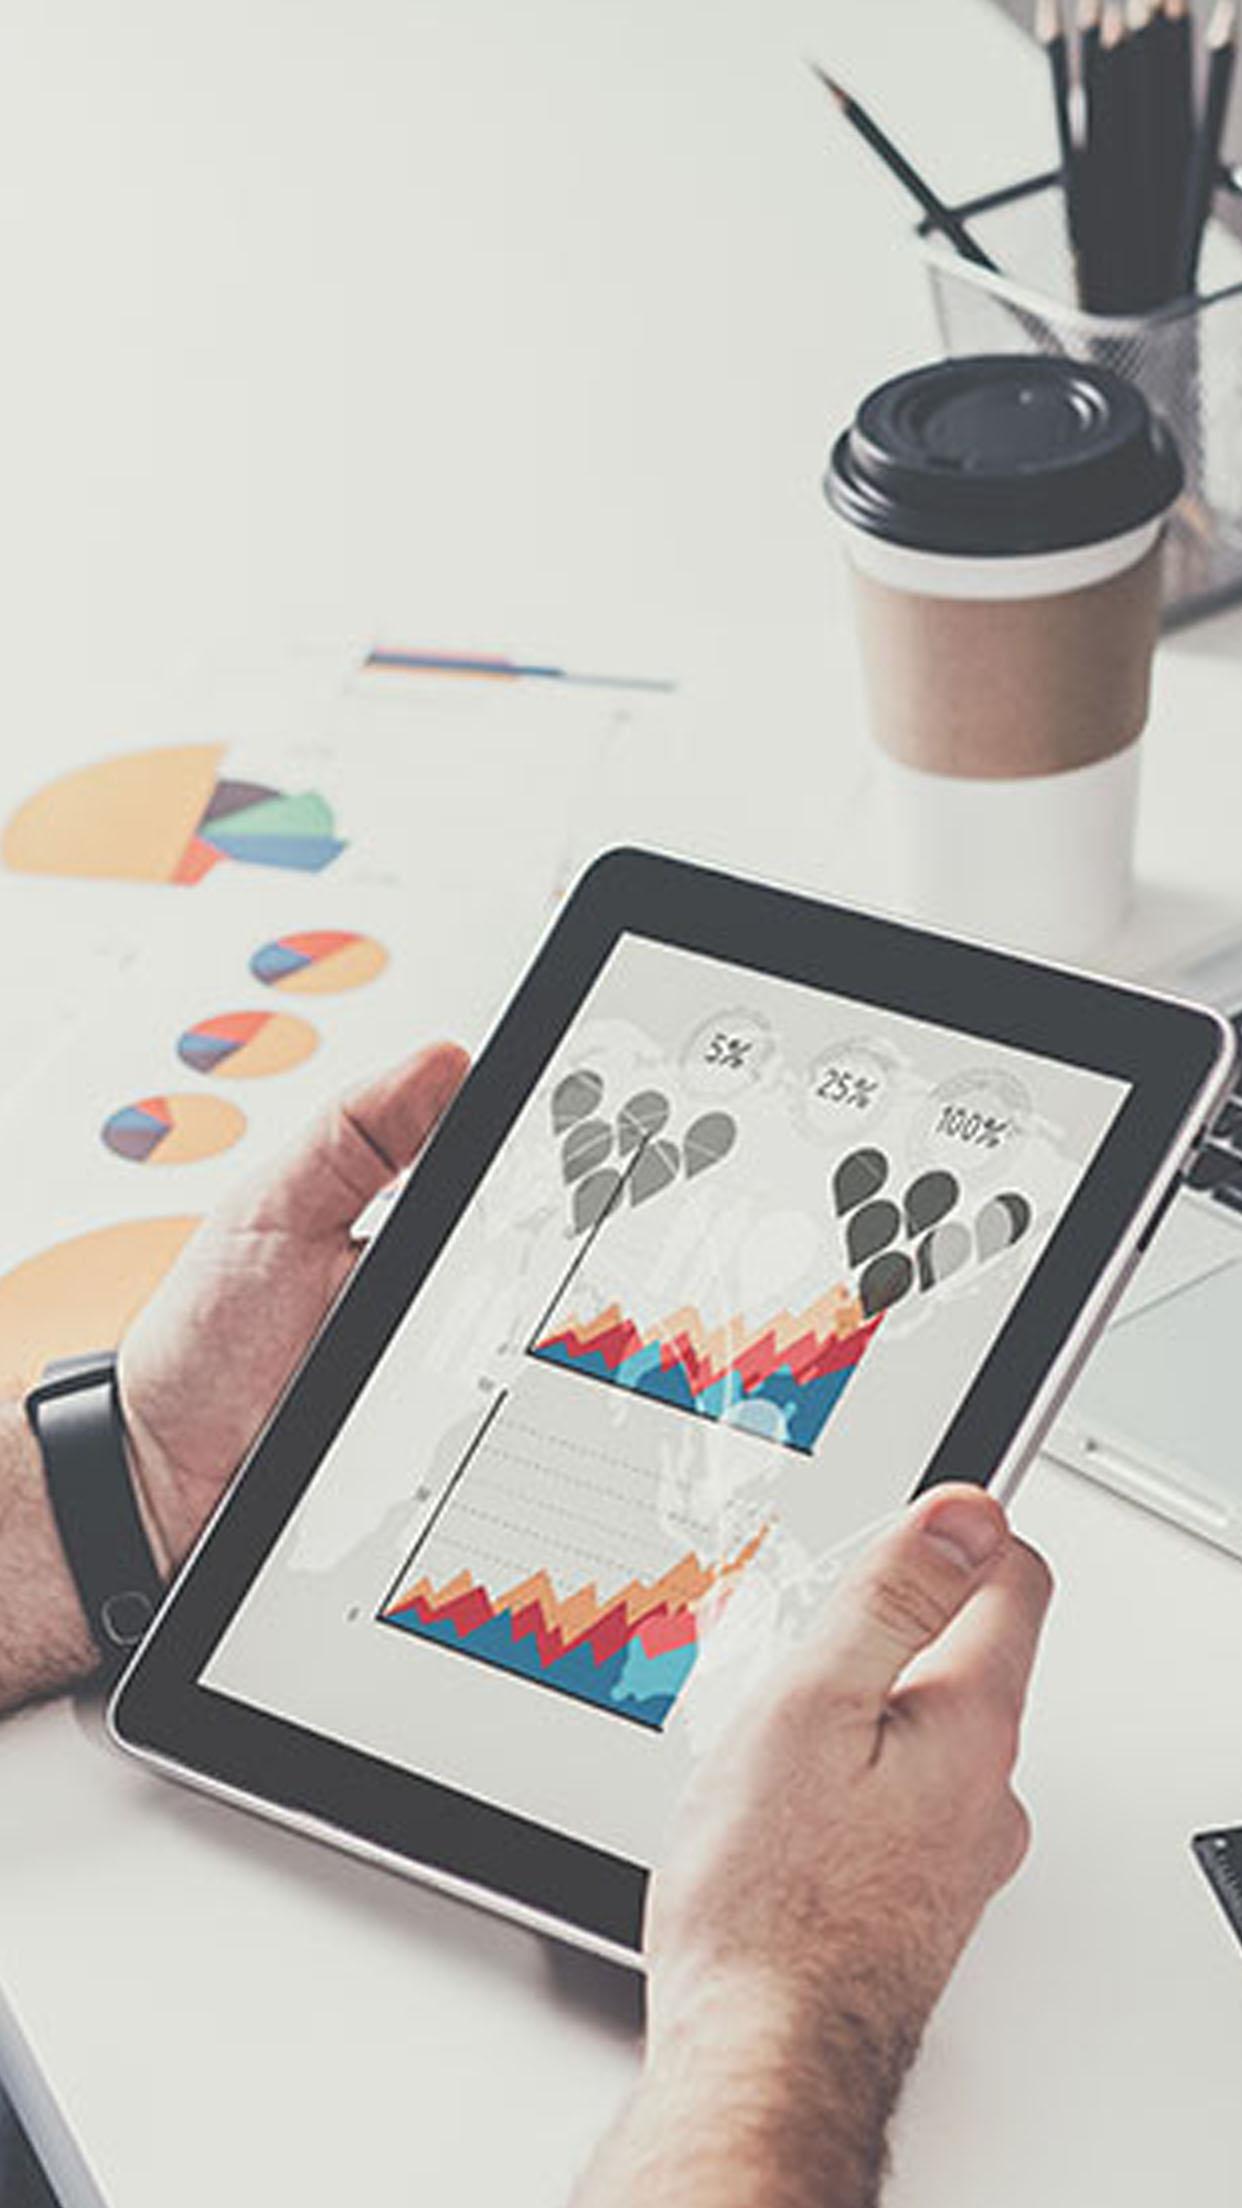 Omnichannel Analytics Solutions